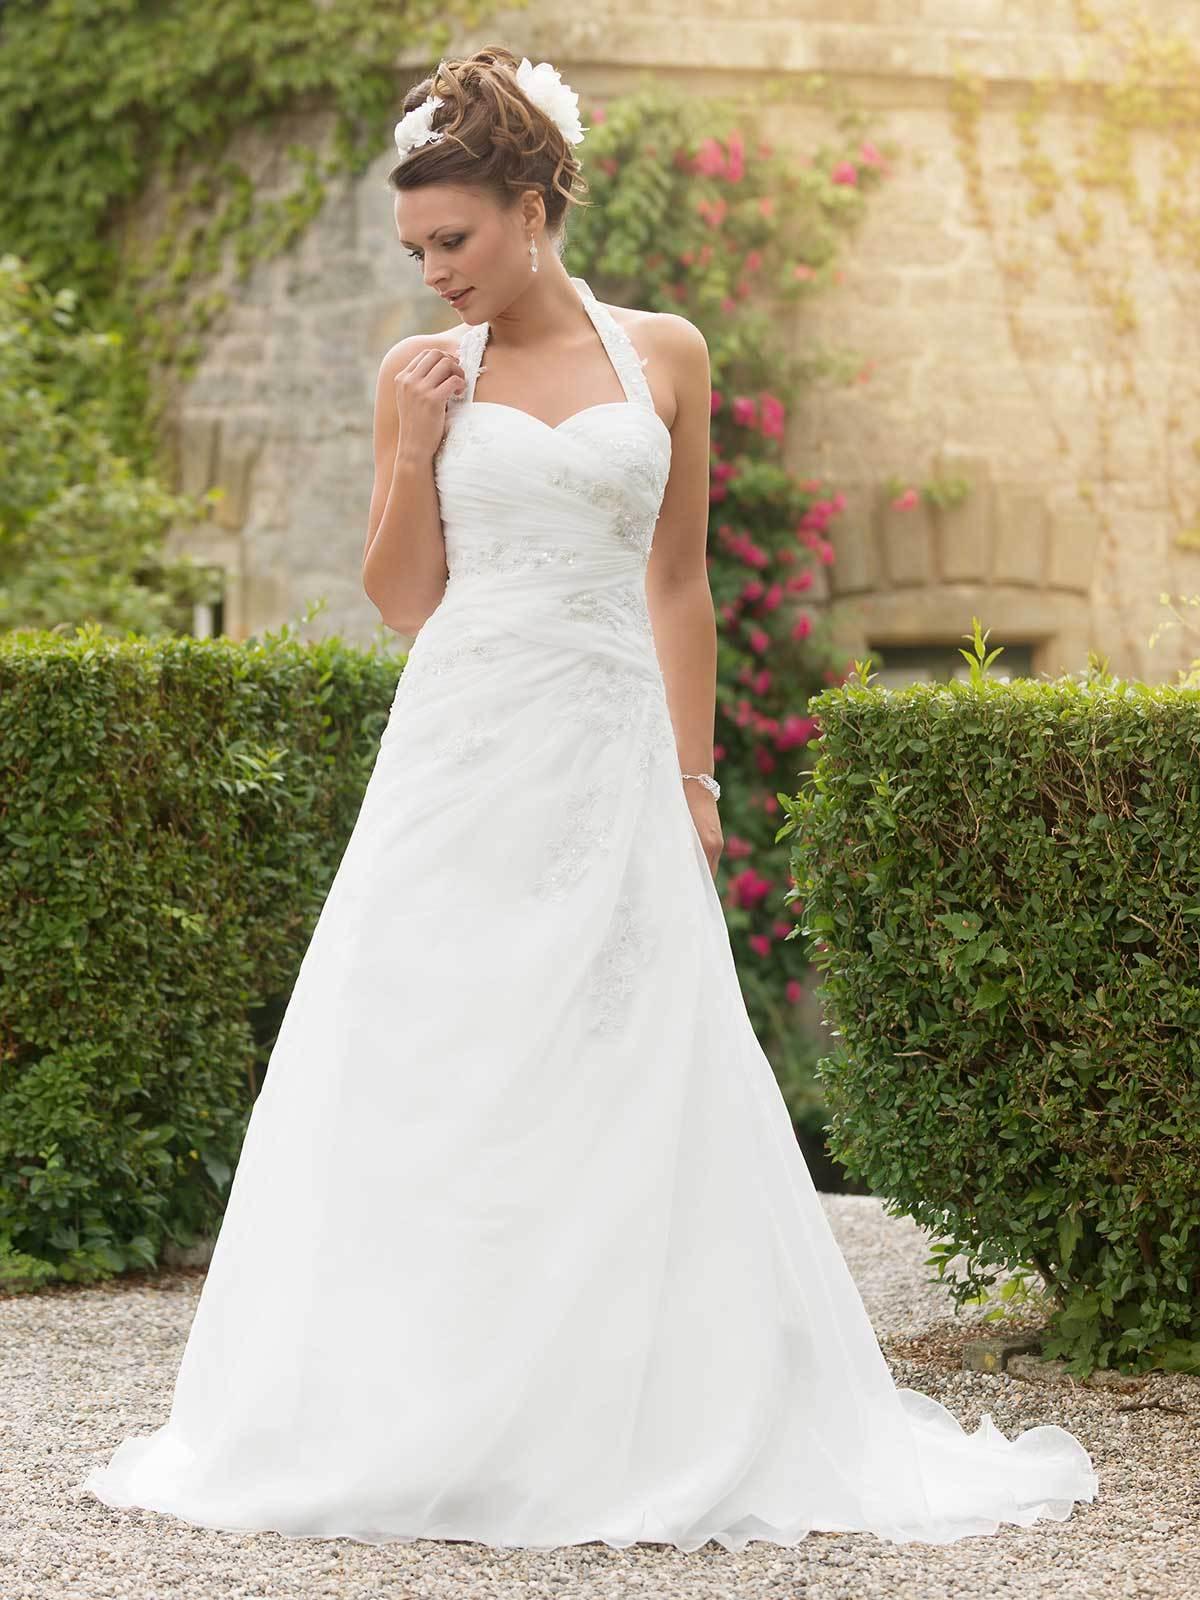 Brautkleid 329022 von Weise auf Jade